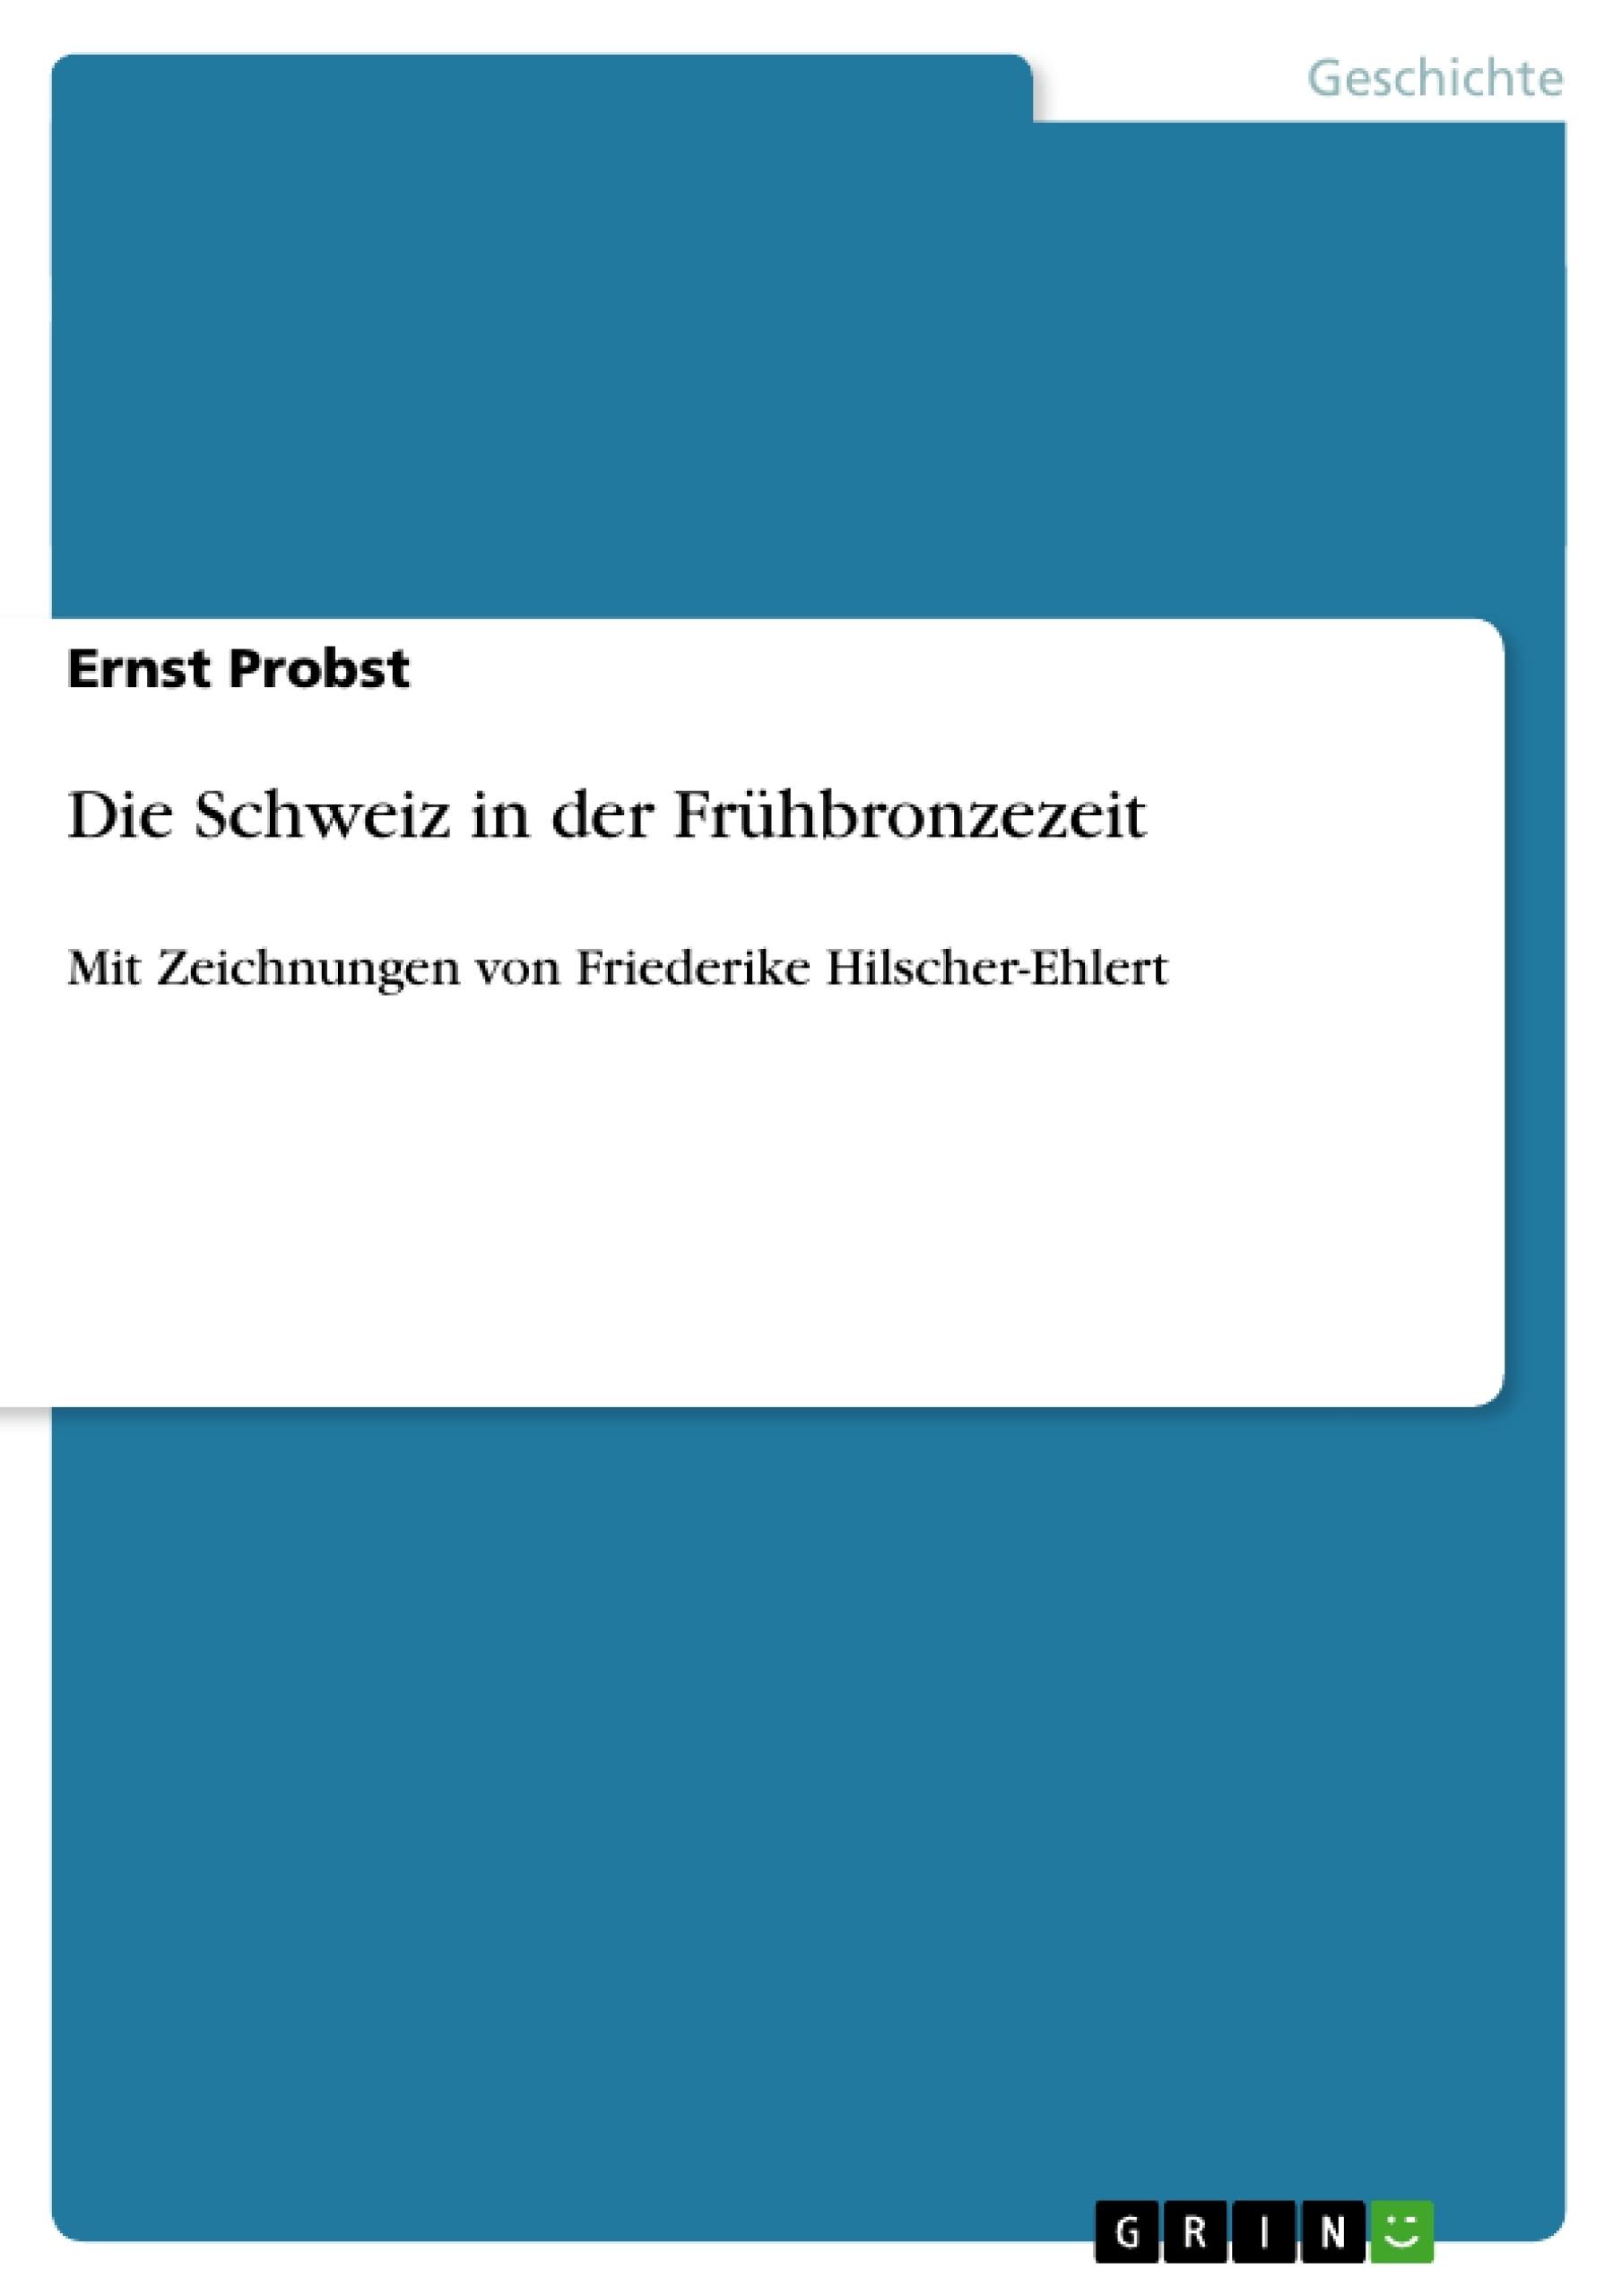 Titel: Die Schweiz in der Frühbronzezeit